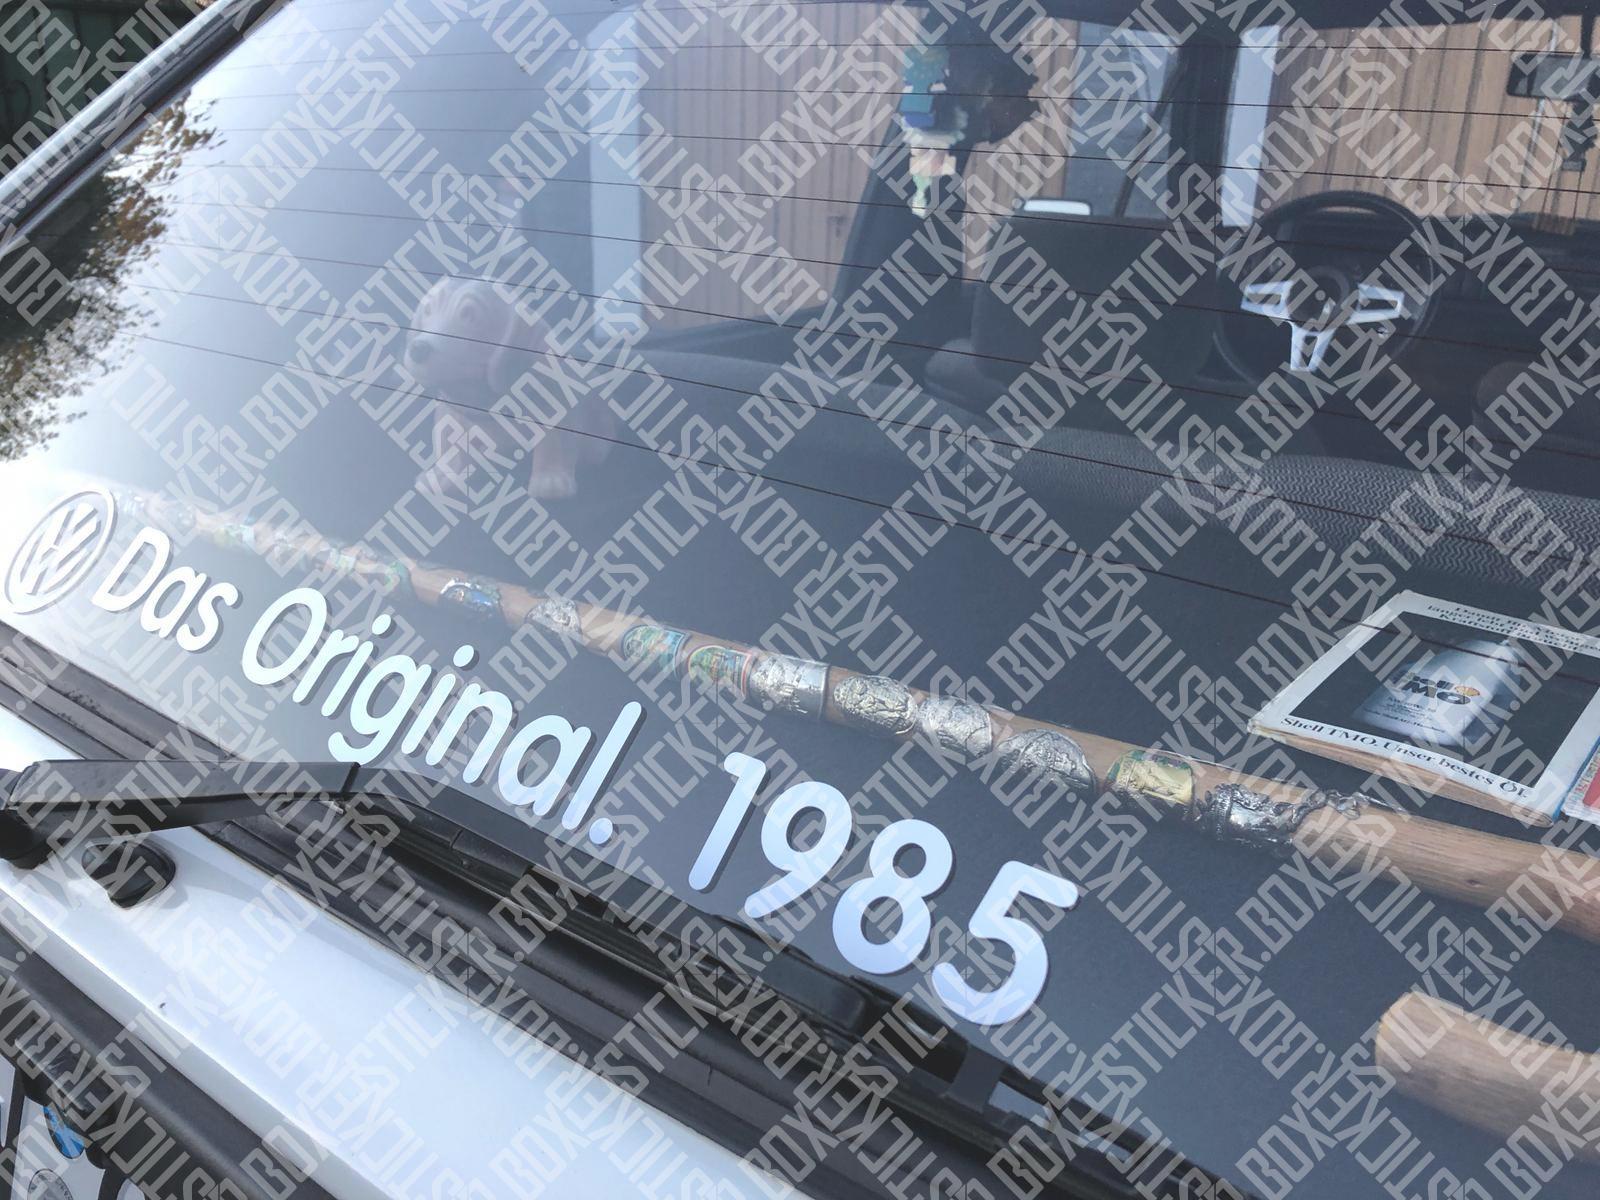 Volkswagen Das Original Heckscheibenaufkleber